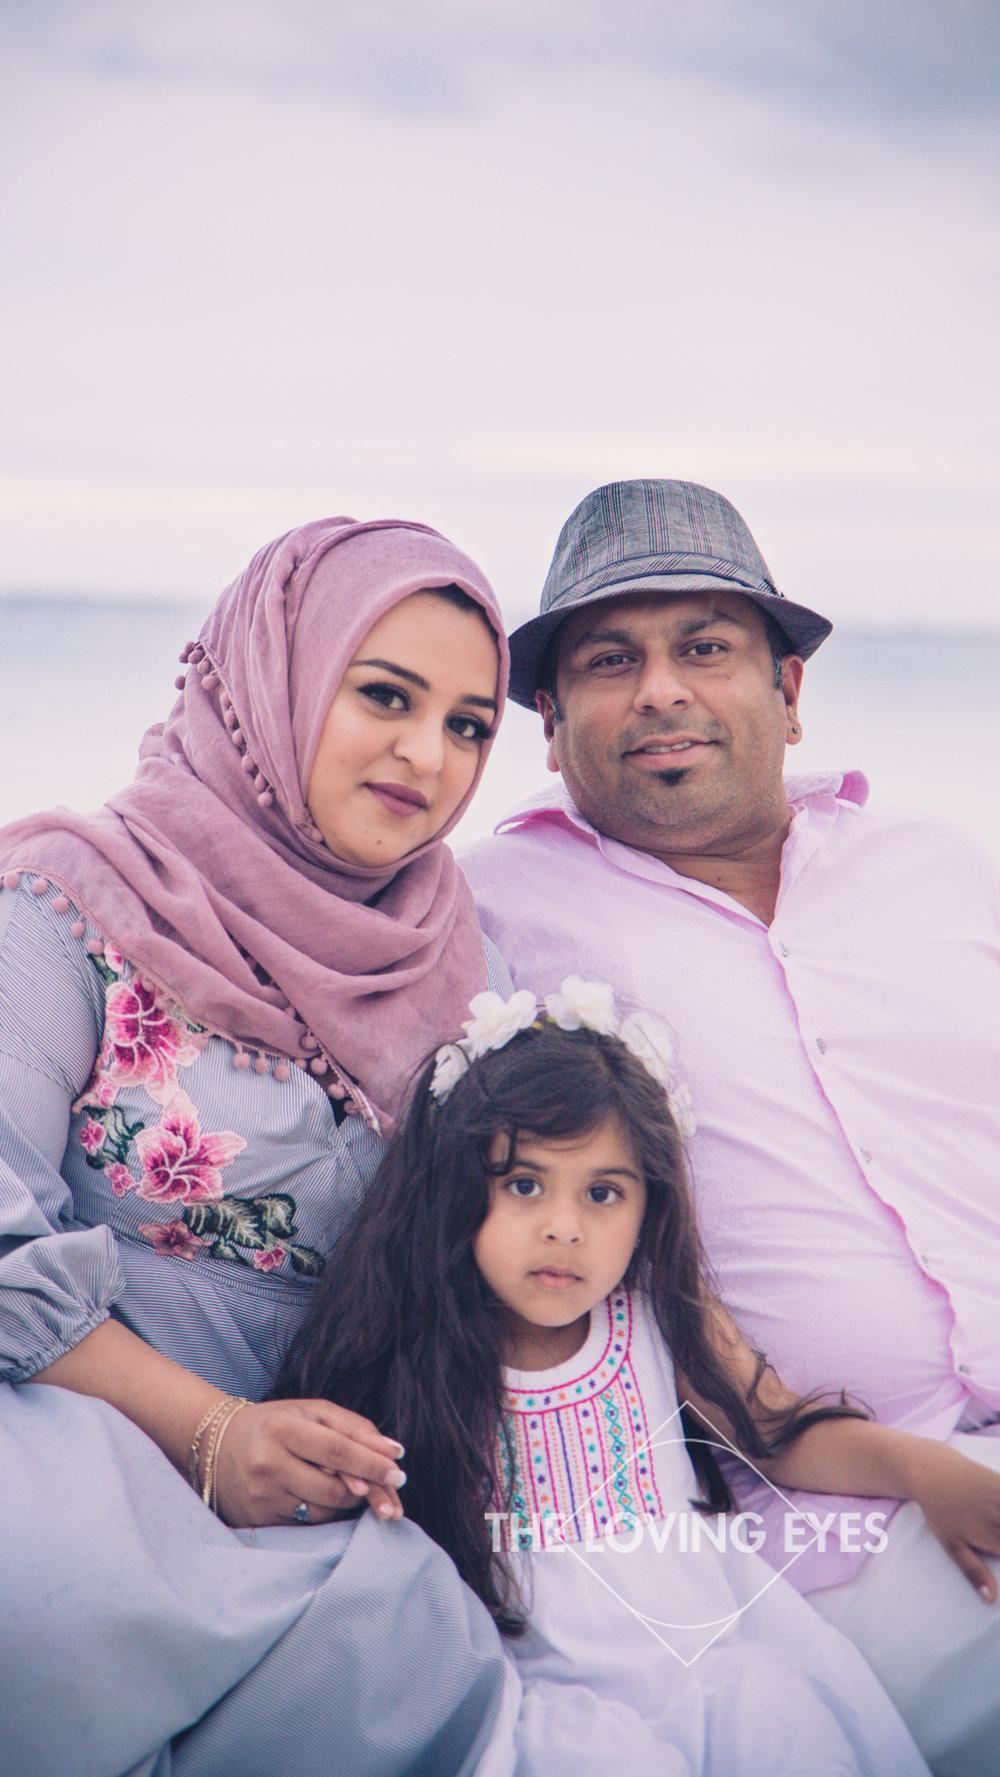 Family vacation photography on the beach at Ala Moana Beach Park